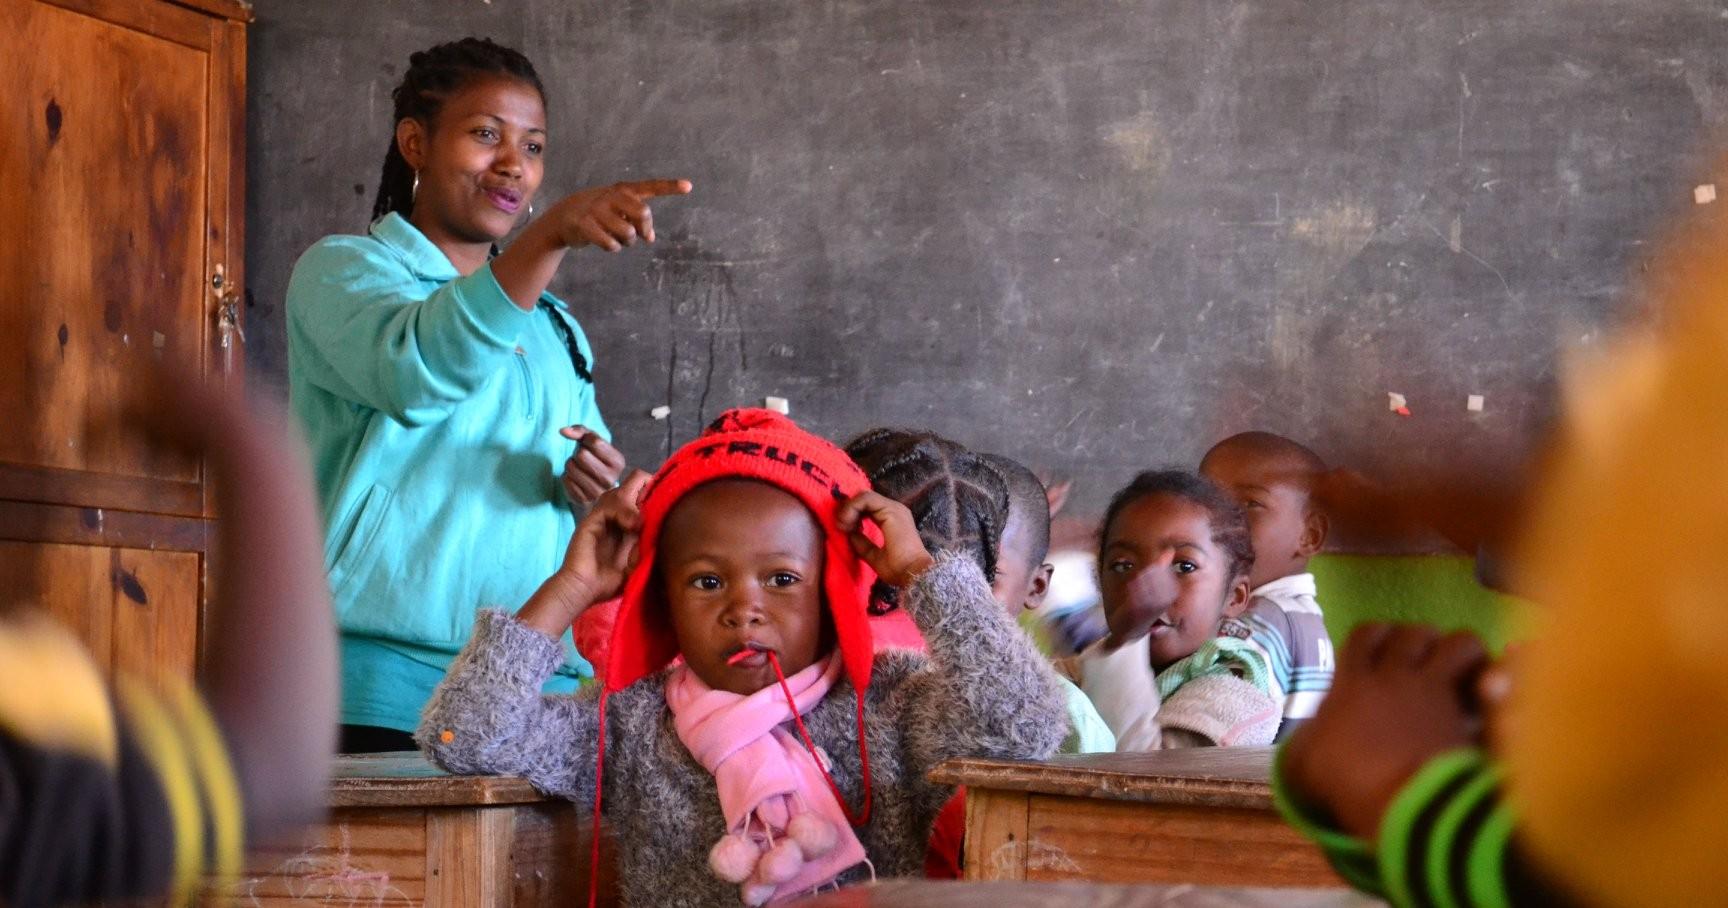 SEMINIAMO EDUCAZIONE NUTRIAMO IL  FUTURO-Educatori senza Frontiere